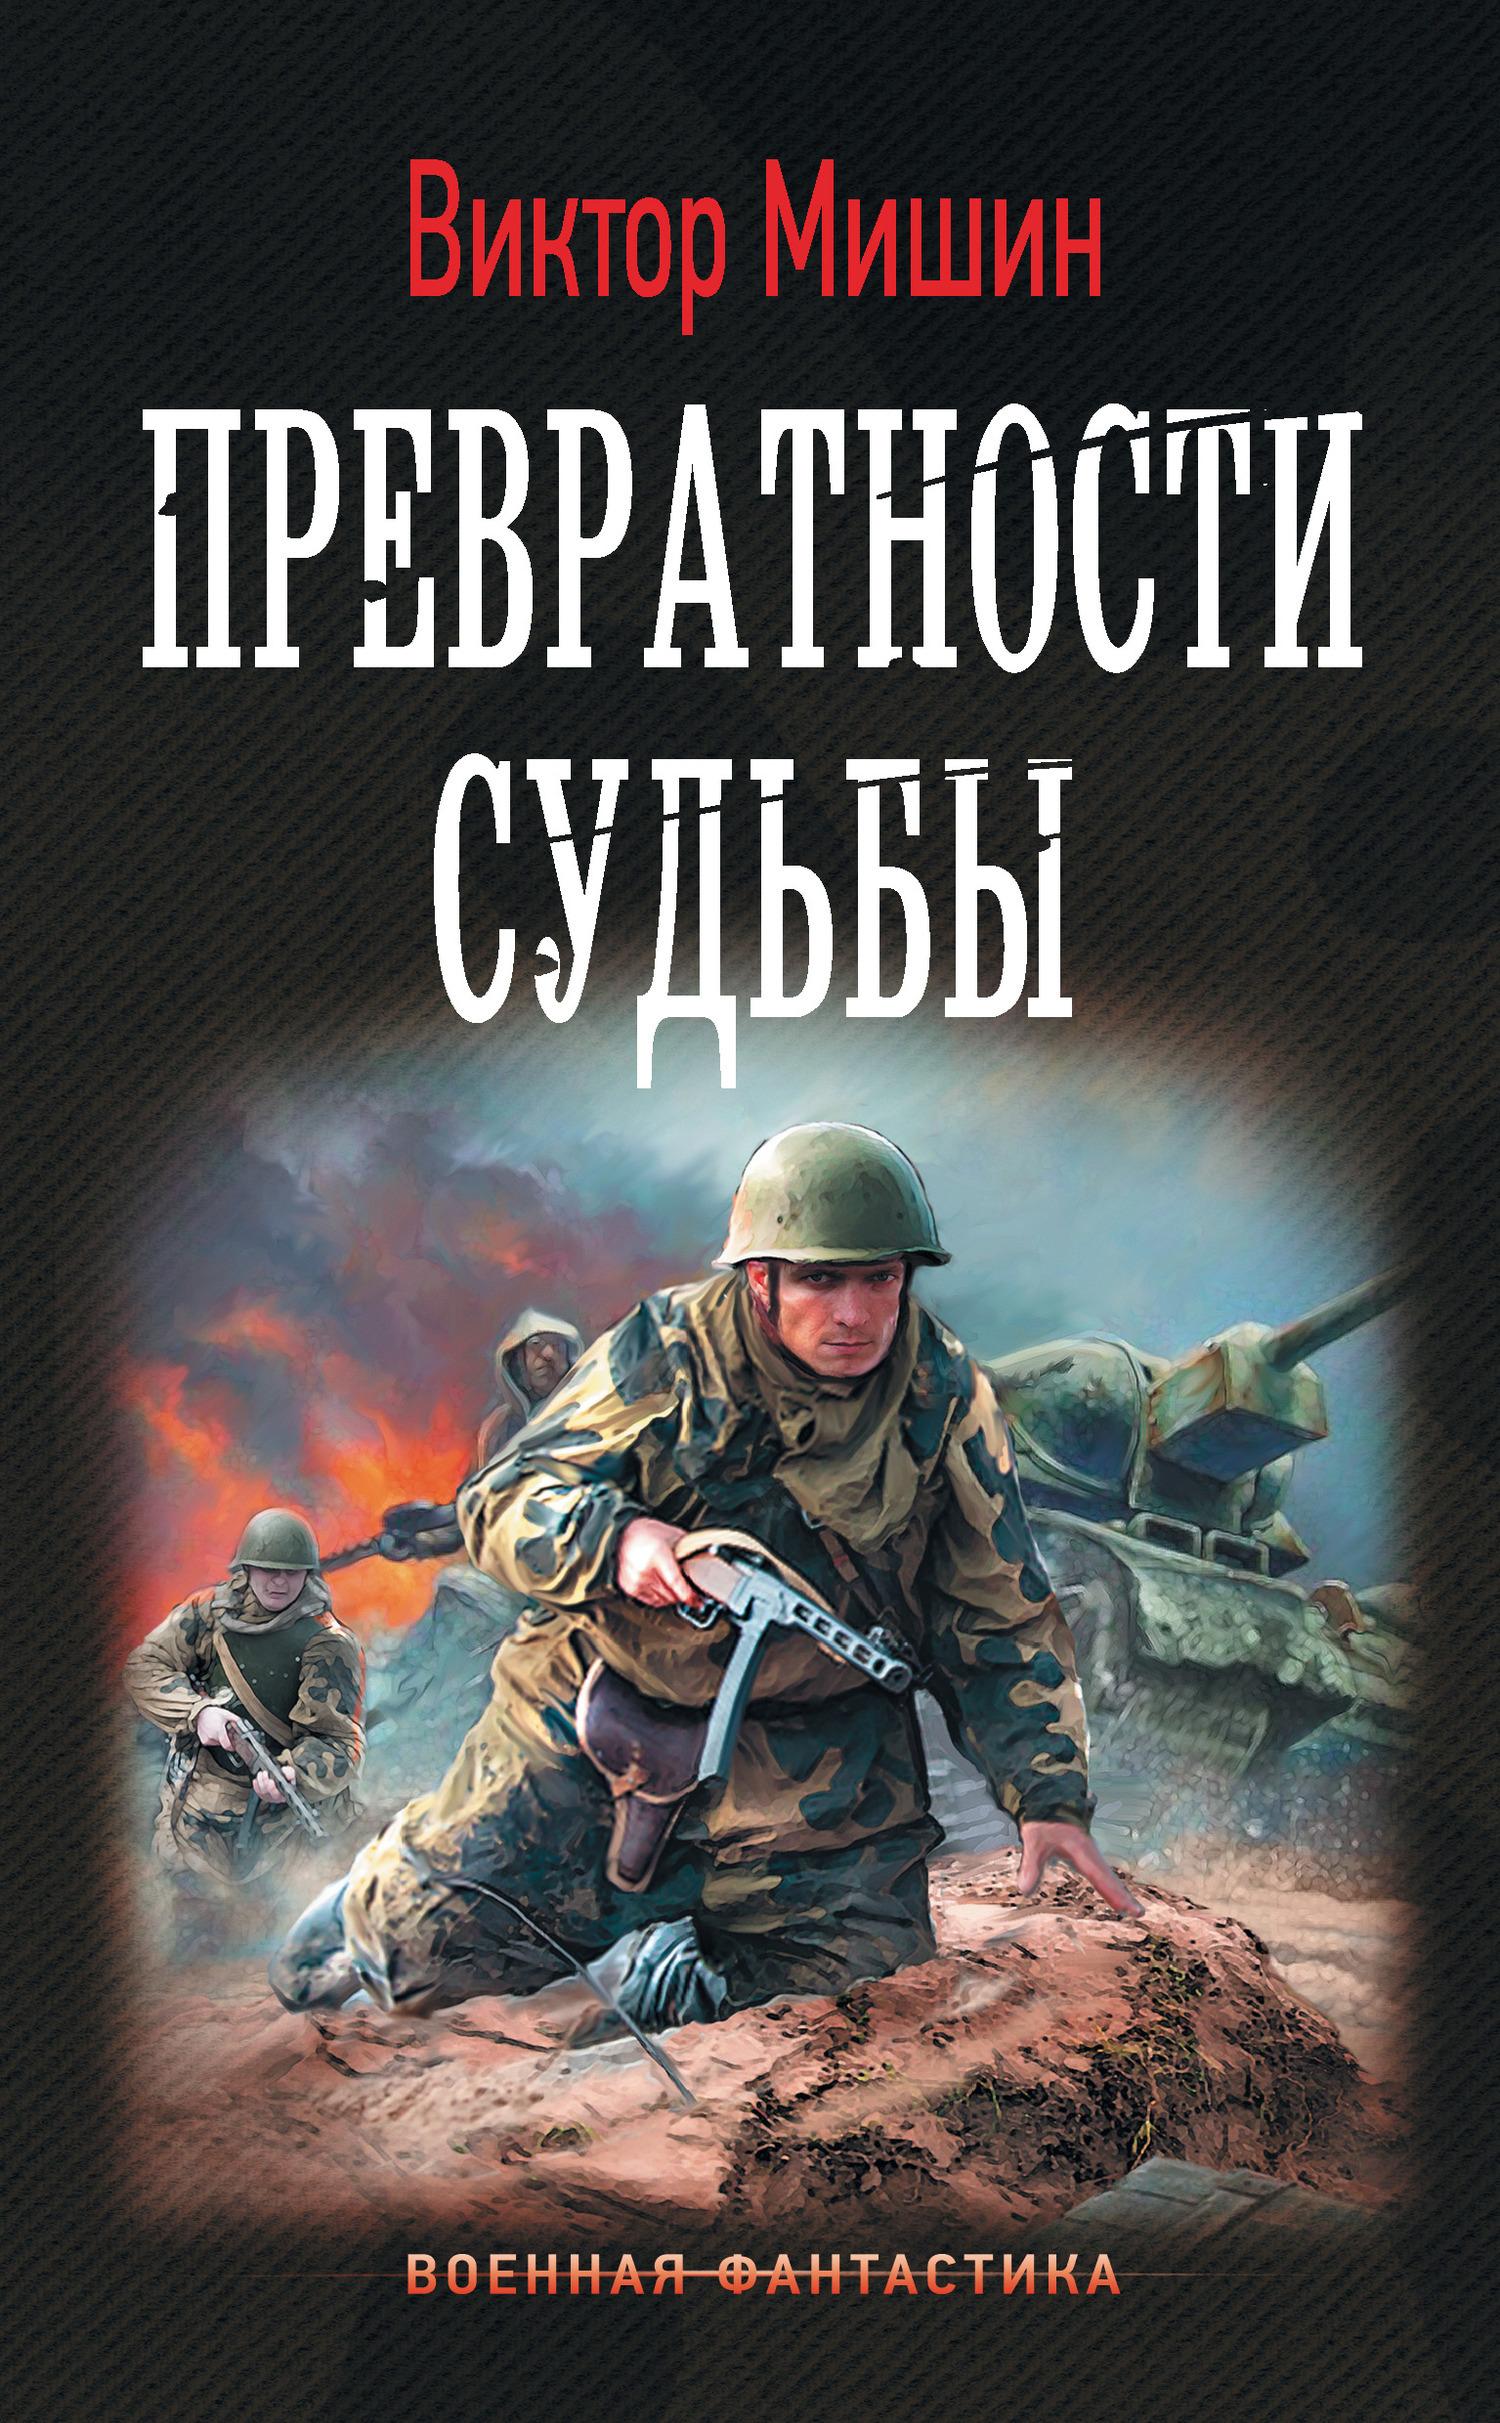 Обложка книги Превратности судьбы, автор Виктор Мишин